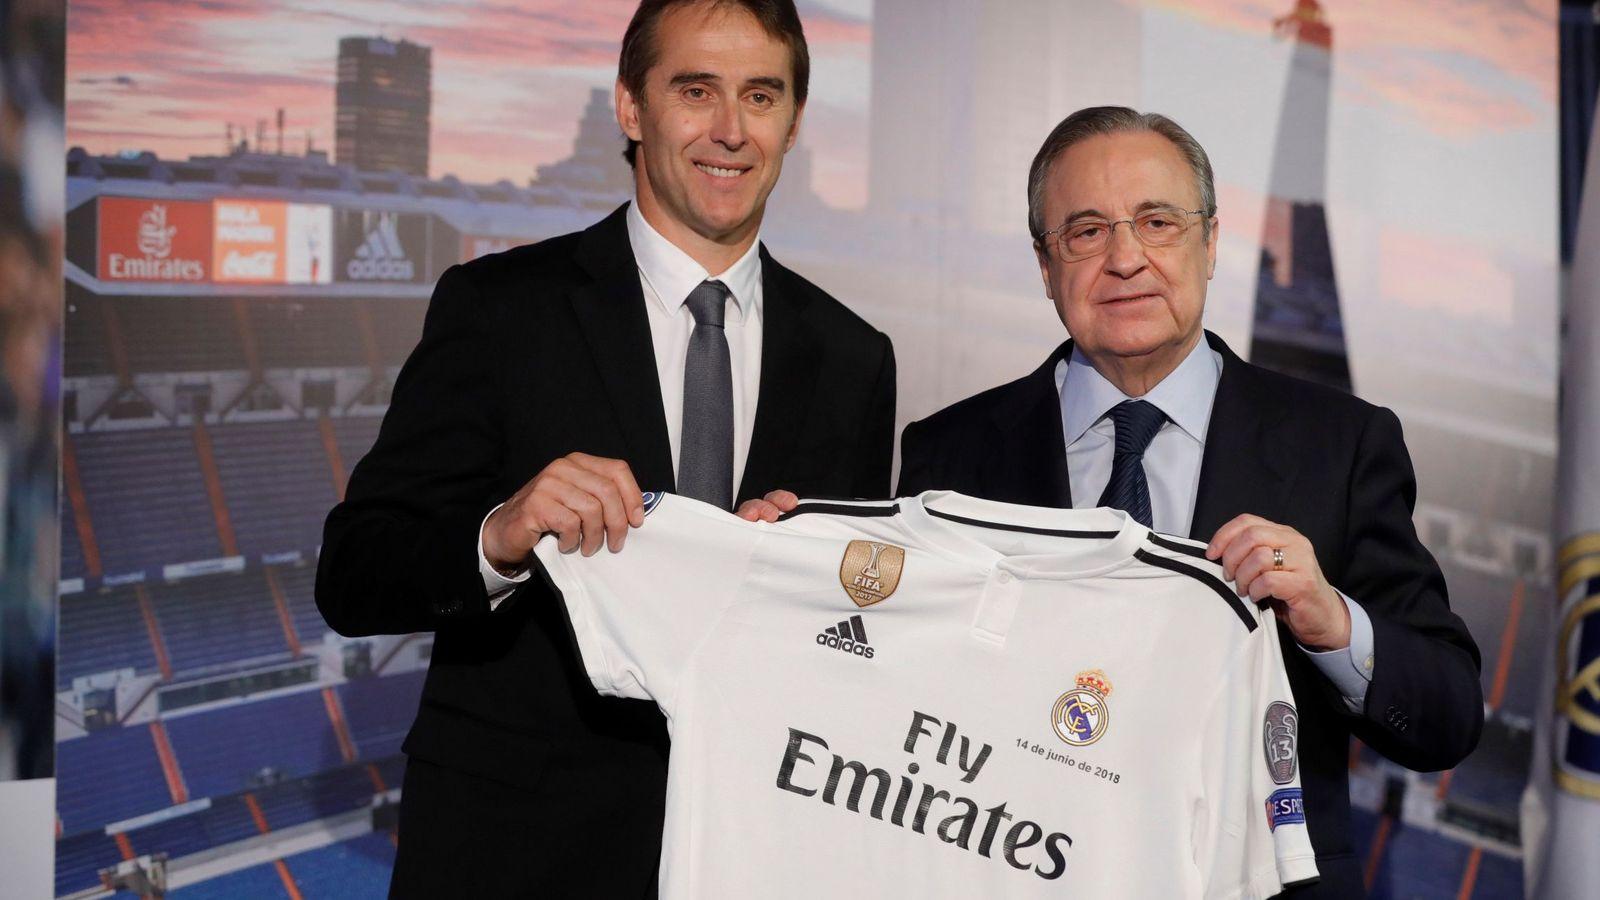 Foto: Julen Lopetegui, con Florentino Pérez, en su presentación como entrenador del Real Madrid. (EFE)